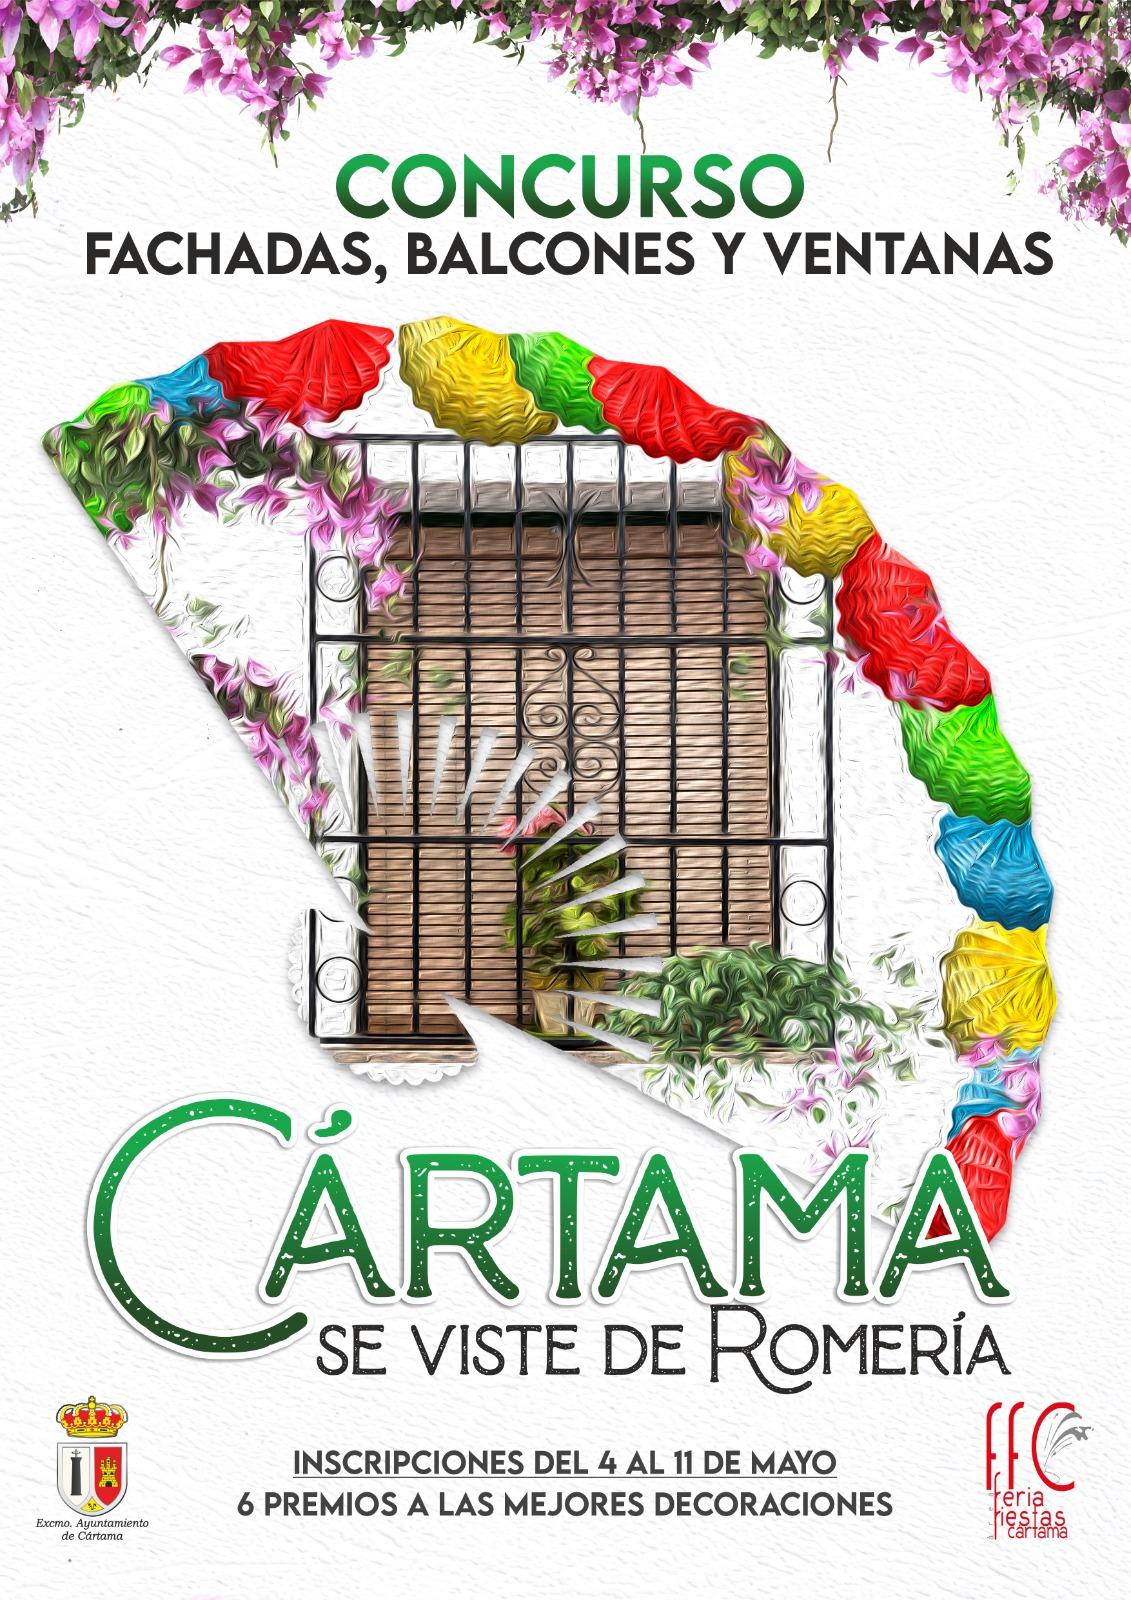 cartel-concurso-embellecimiento-cartama-se-viste-de-romeria-mayo-2021